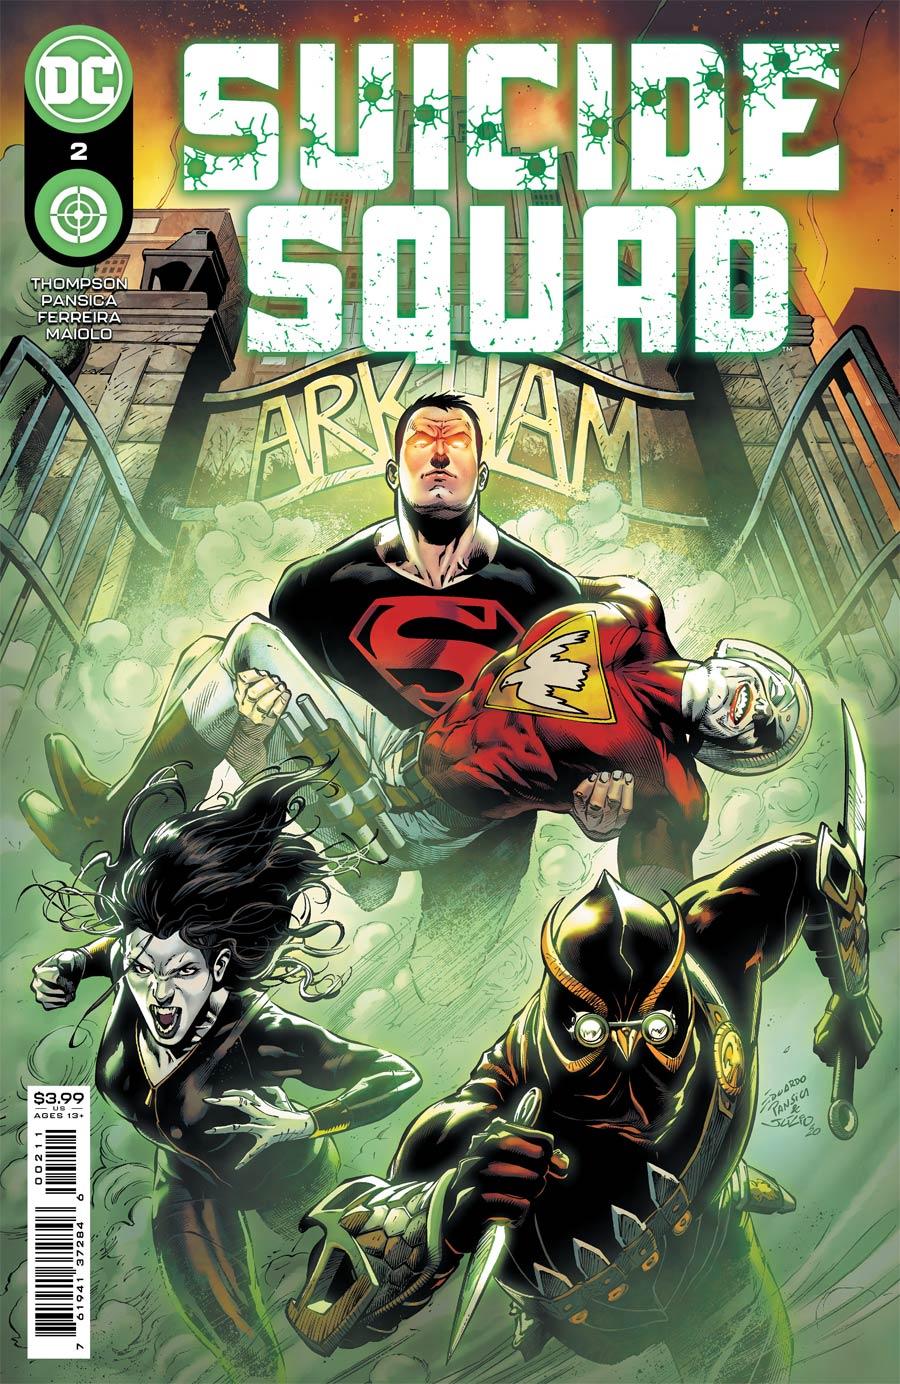 Suicide Squad Vol 6 #2 Cover A Regular Eduardo Pansica Cover